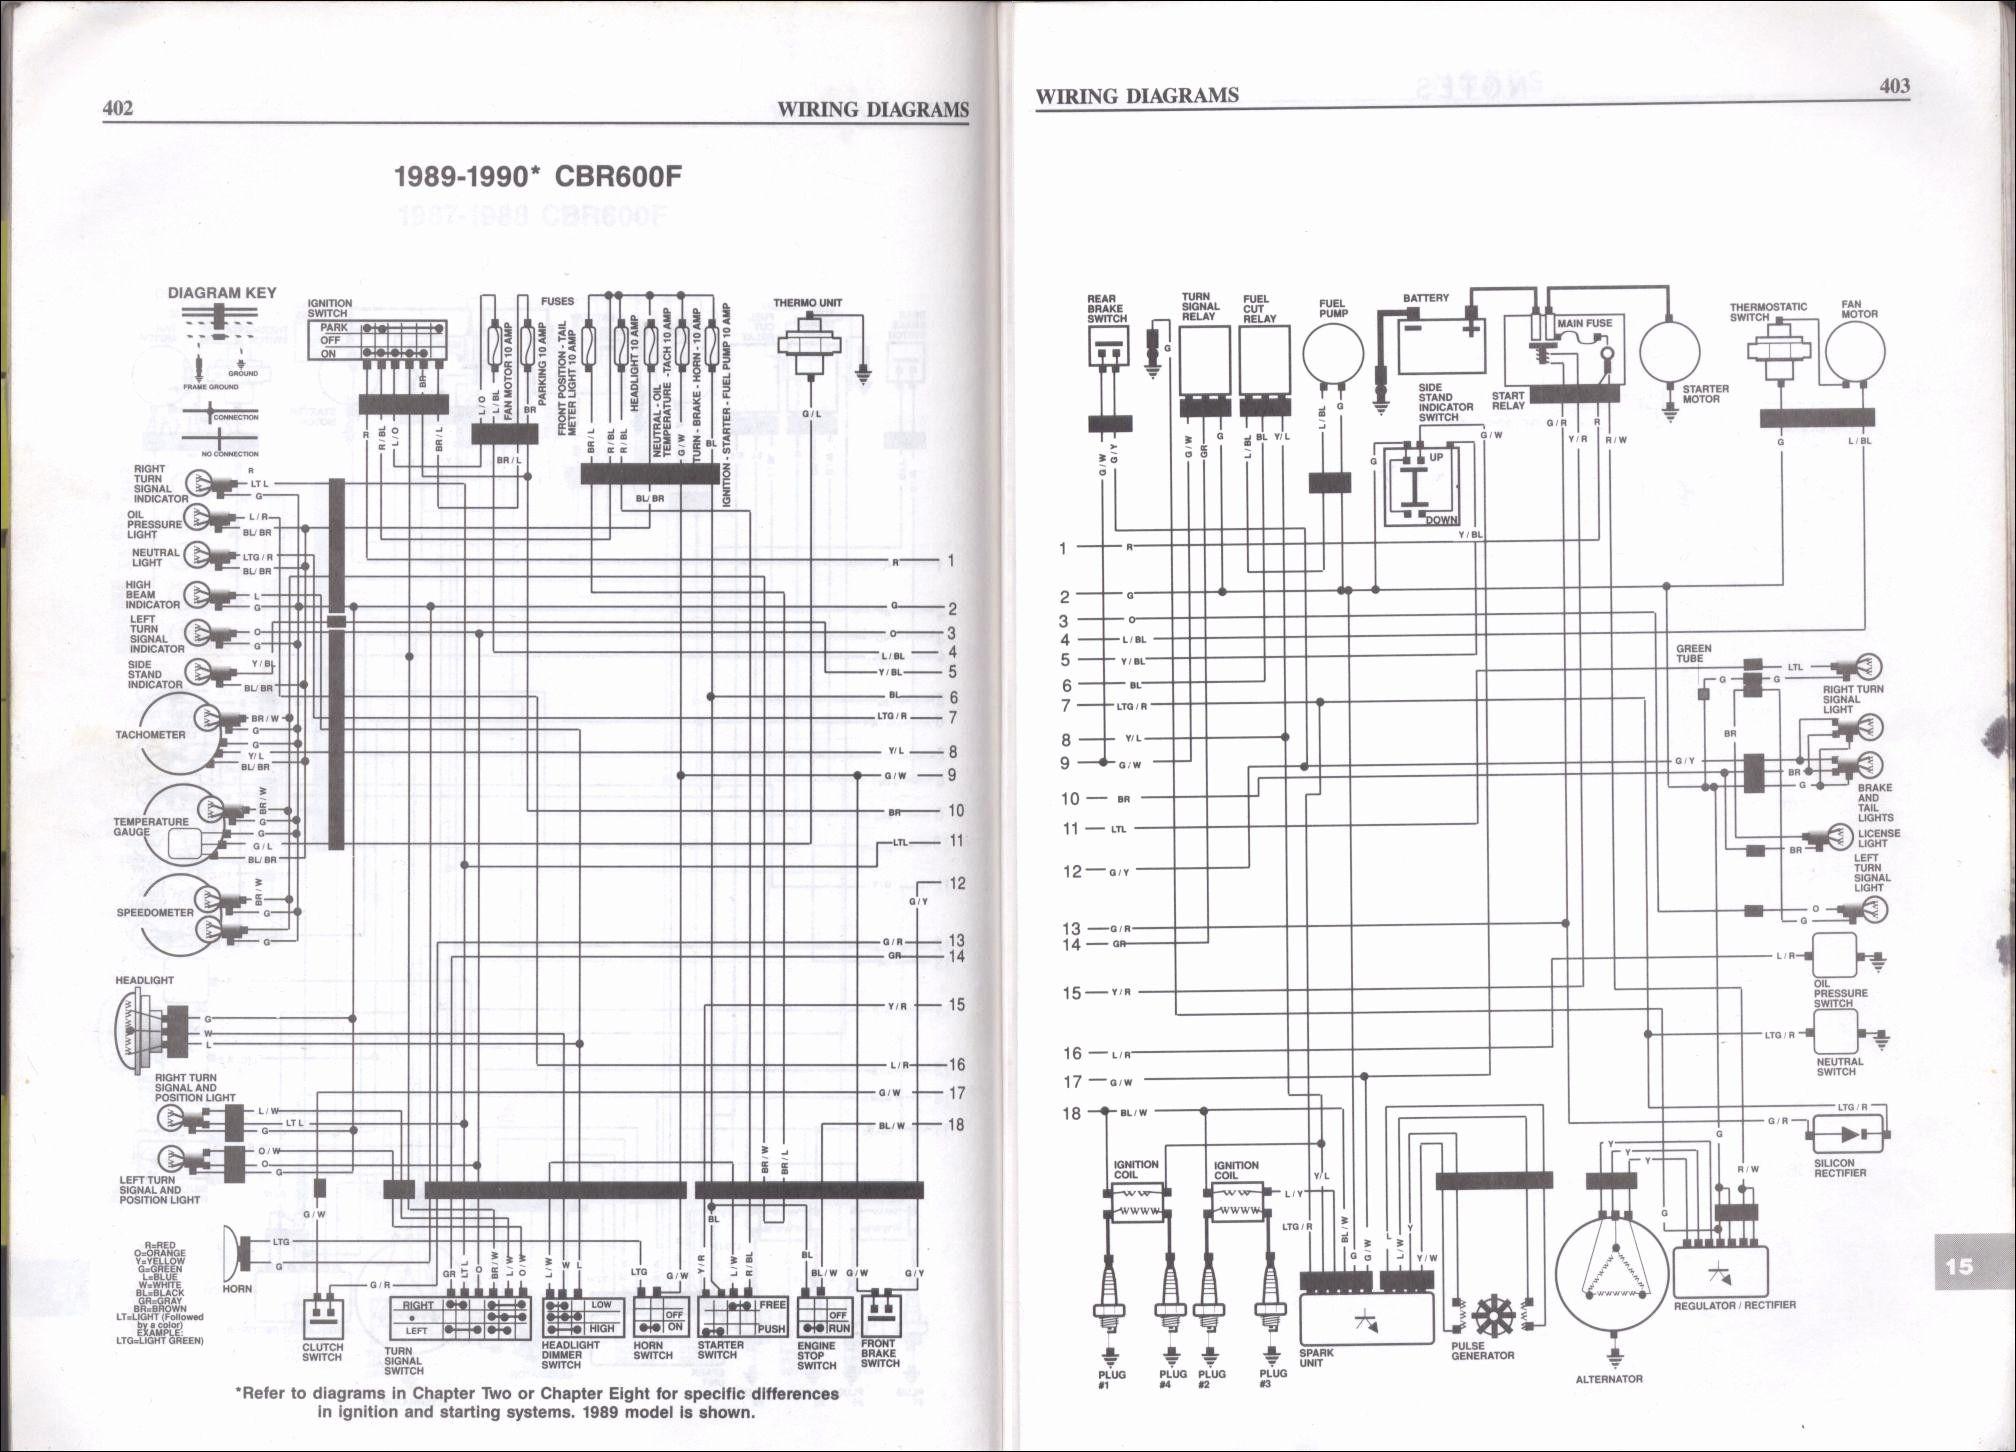 John Deere 4020 Wiring Schematics Honda C70 Wiring Diagram Auto Electrical Wiring Diagram Of John Deere 4020 Wiring Schematics